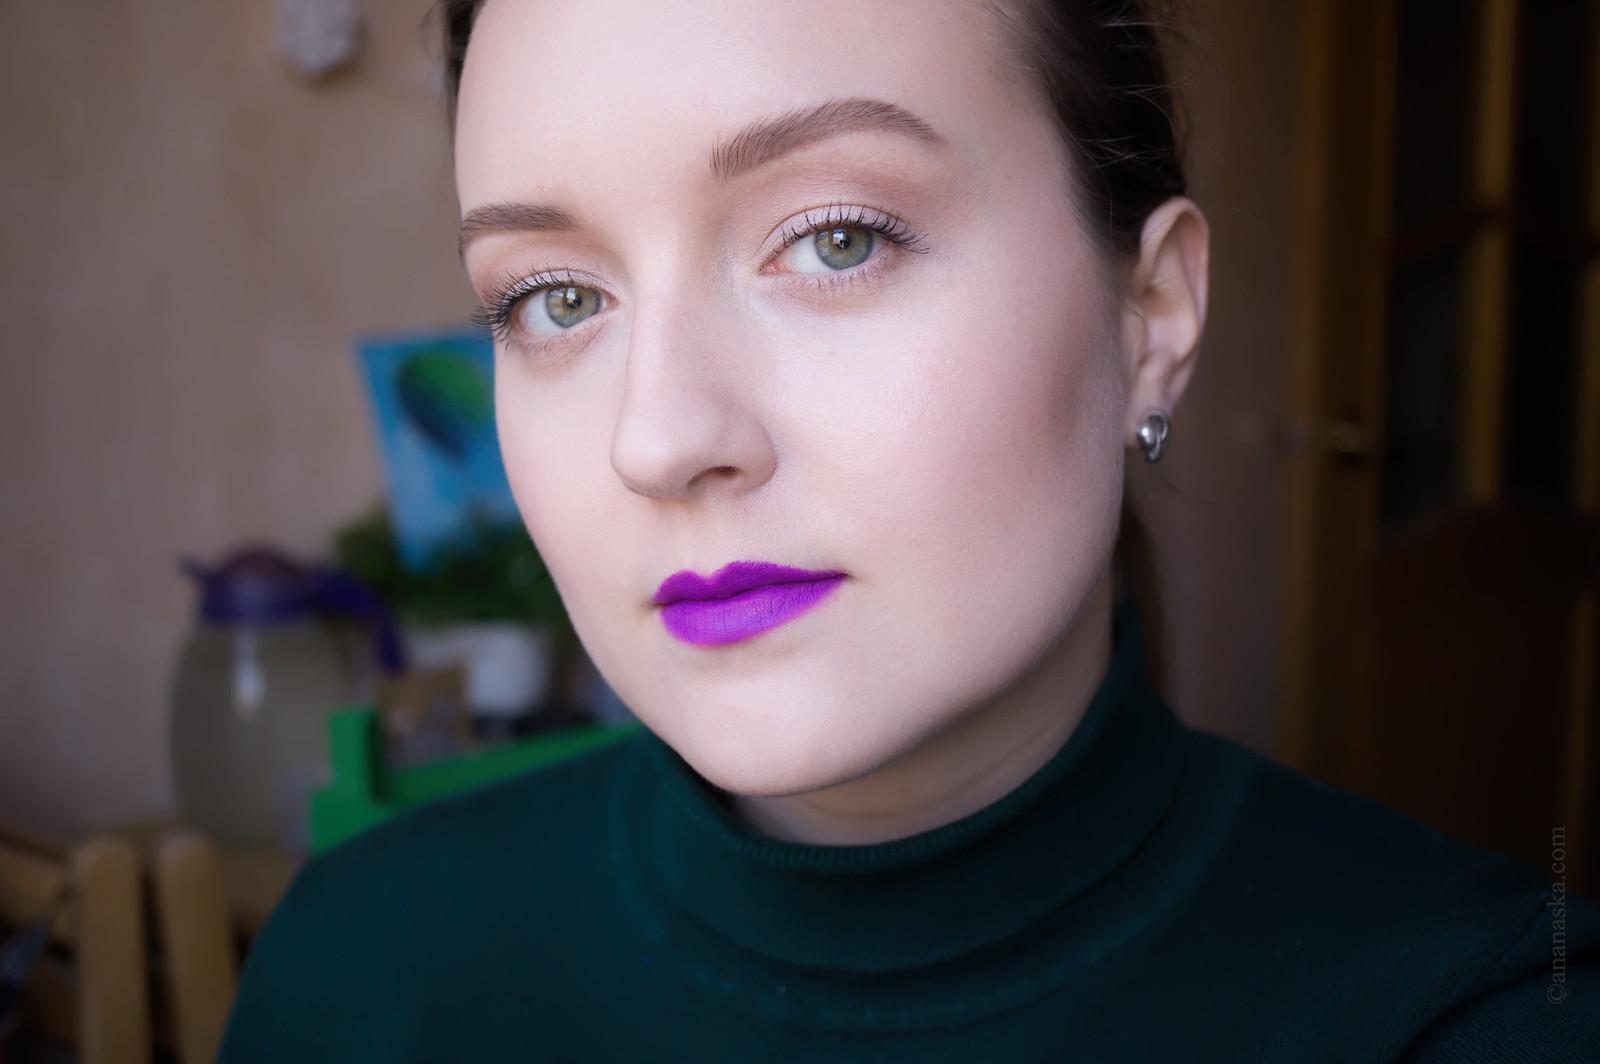 Kiko Milano Velvet Passion Matte Lipstick Crazy Colours 321 Orchid Violet